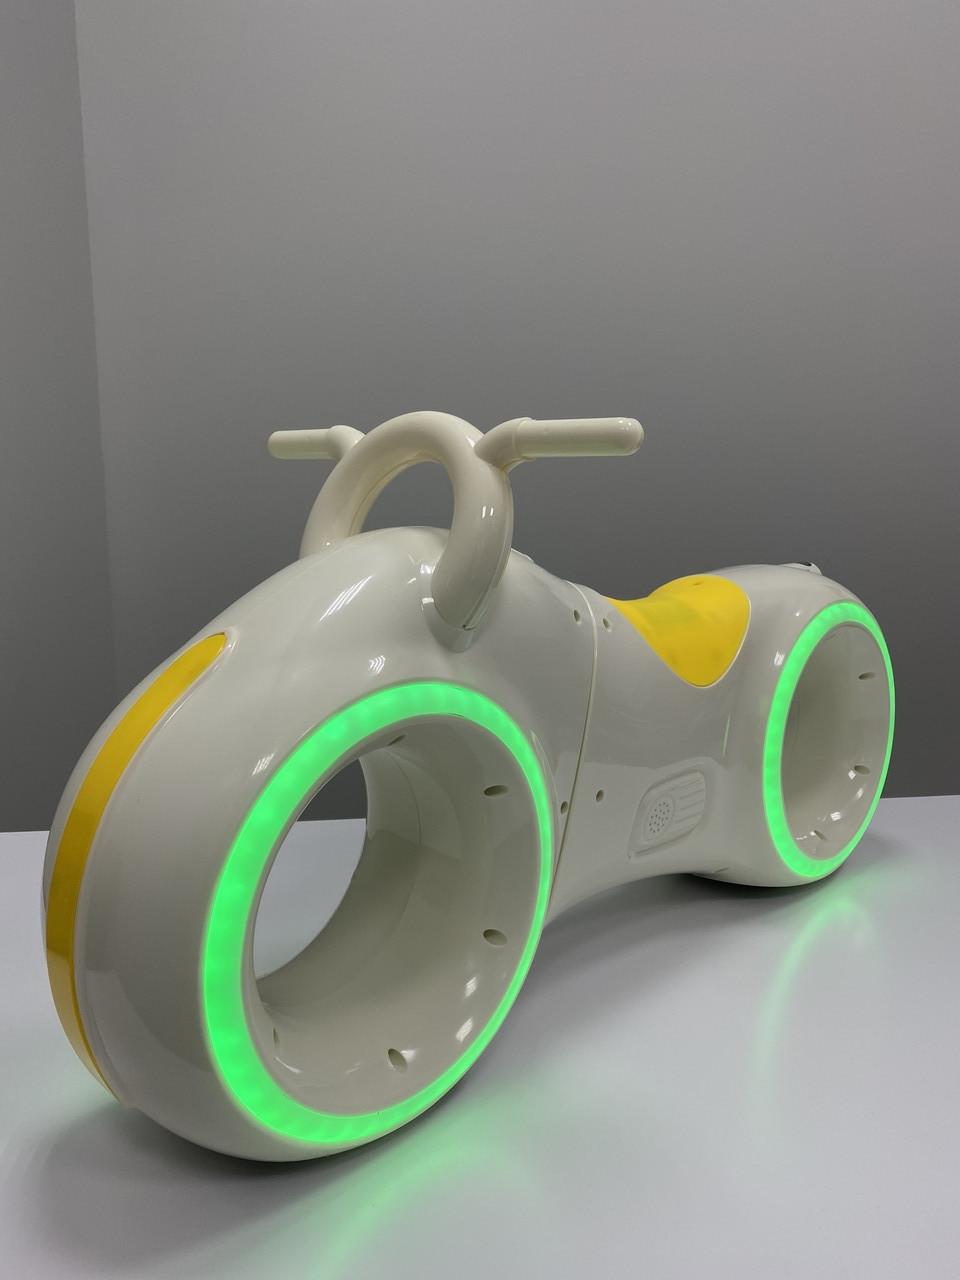 Дитячий беговел Трон байк - космобайк підсвічування, Bluetooth, Трон-Байк від Cosmo-байк